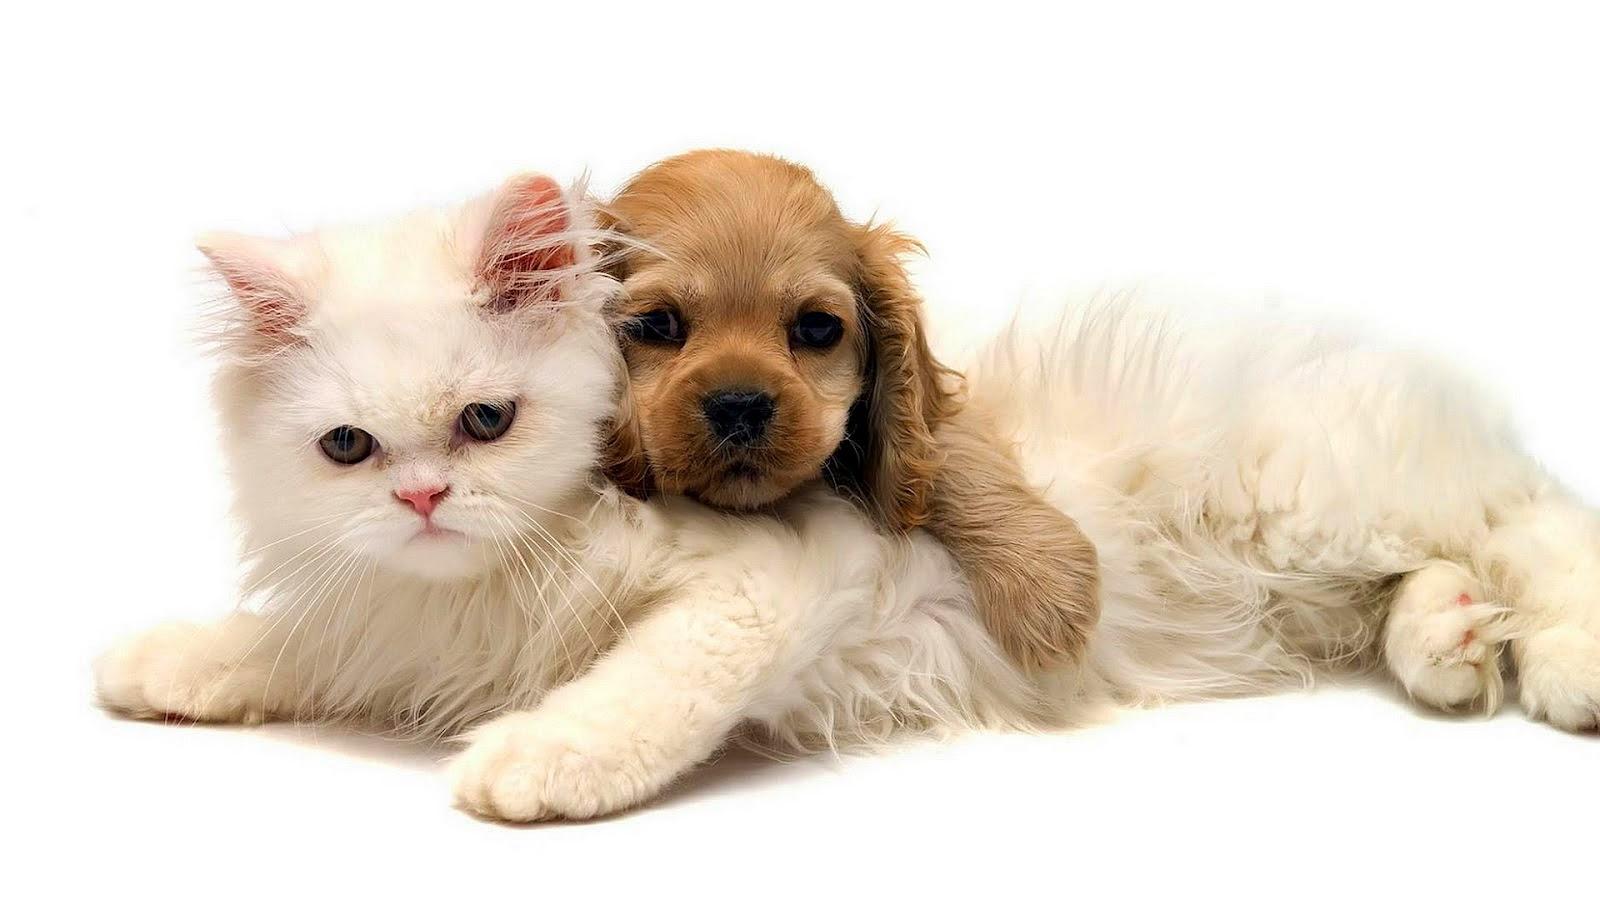 cat And Dog Love Wallpaper : Hond en kat Mooie Leuke Achtergronden Voor Je Bureaublad (Pc, Laptop, Tablet)